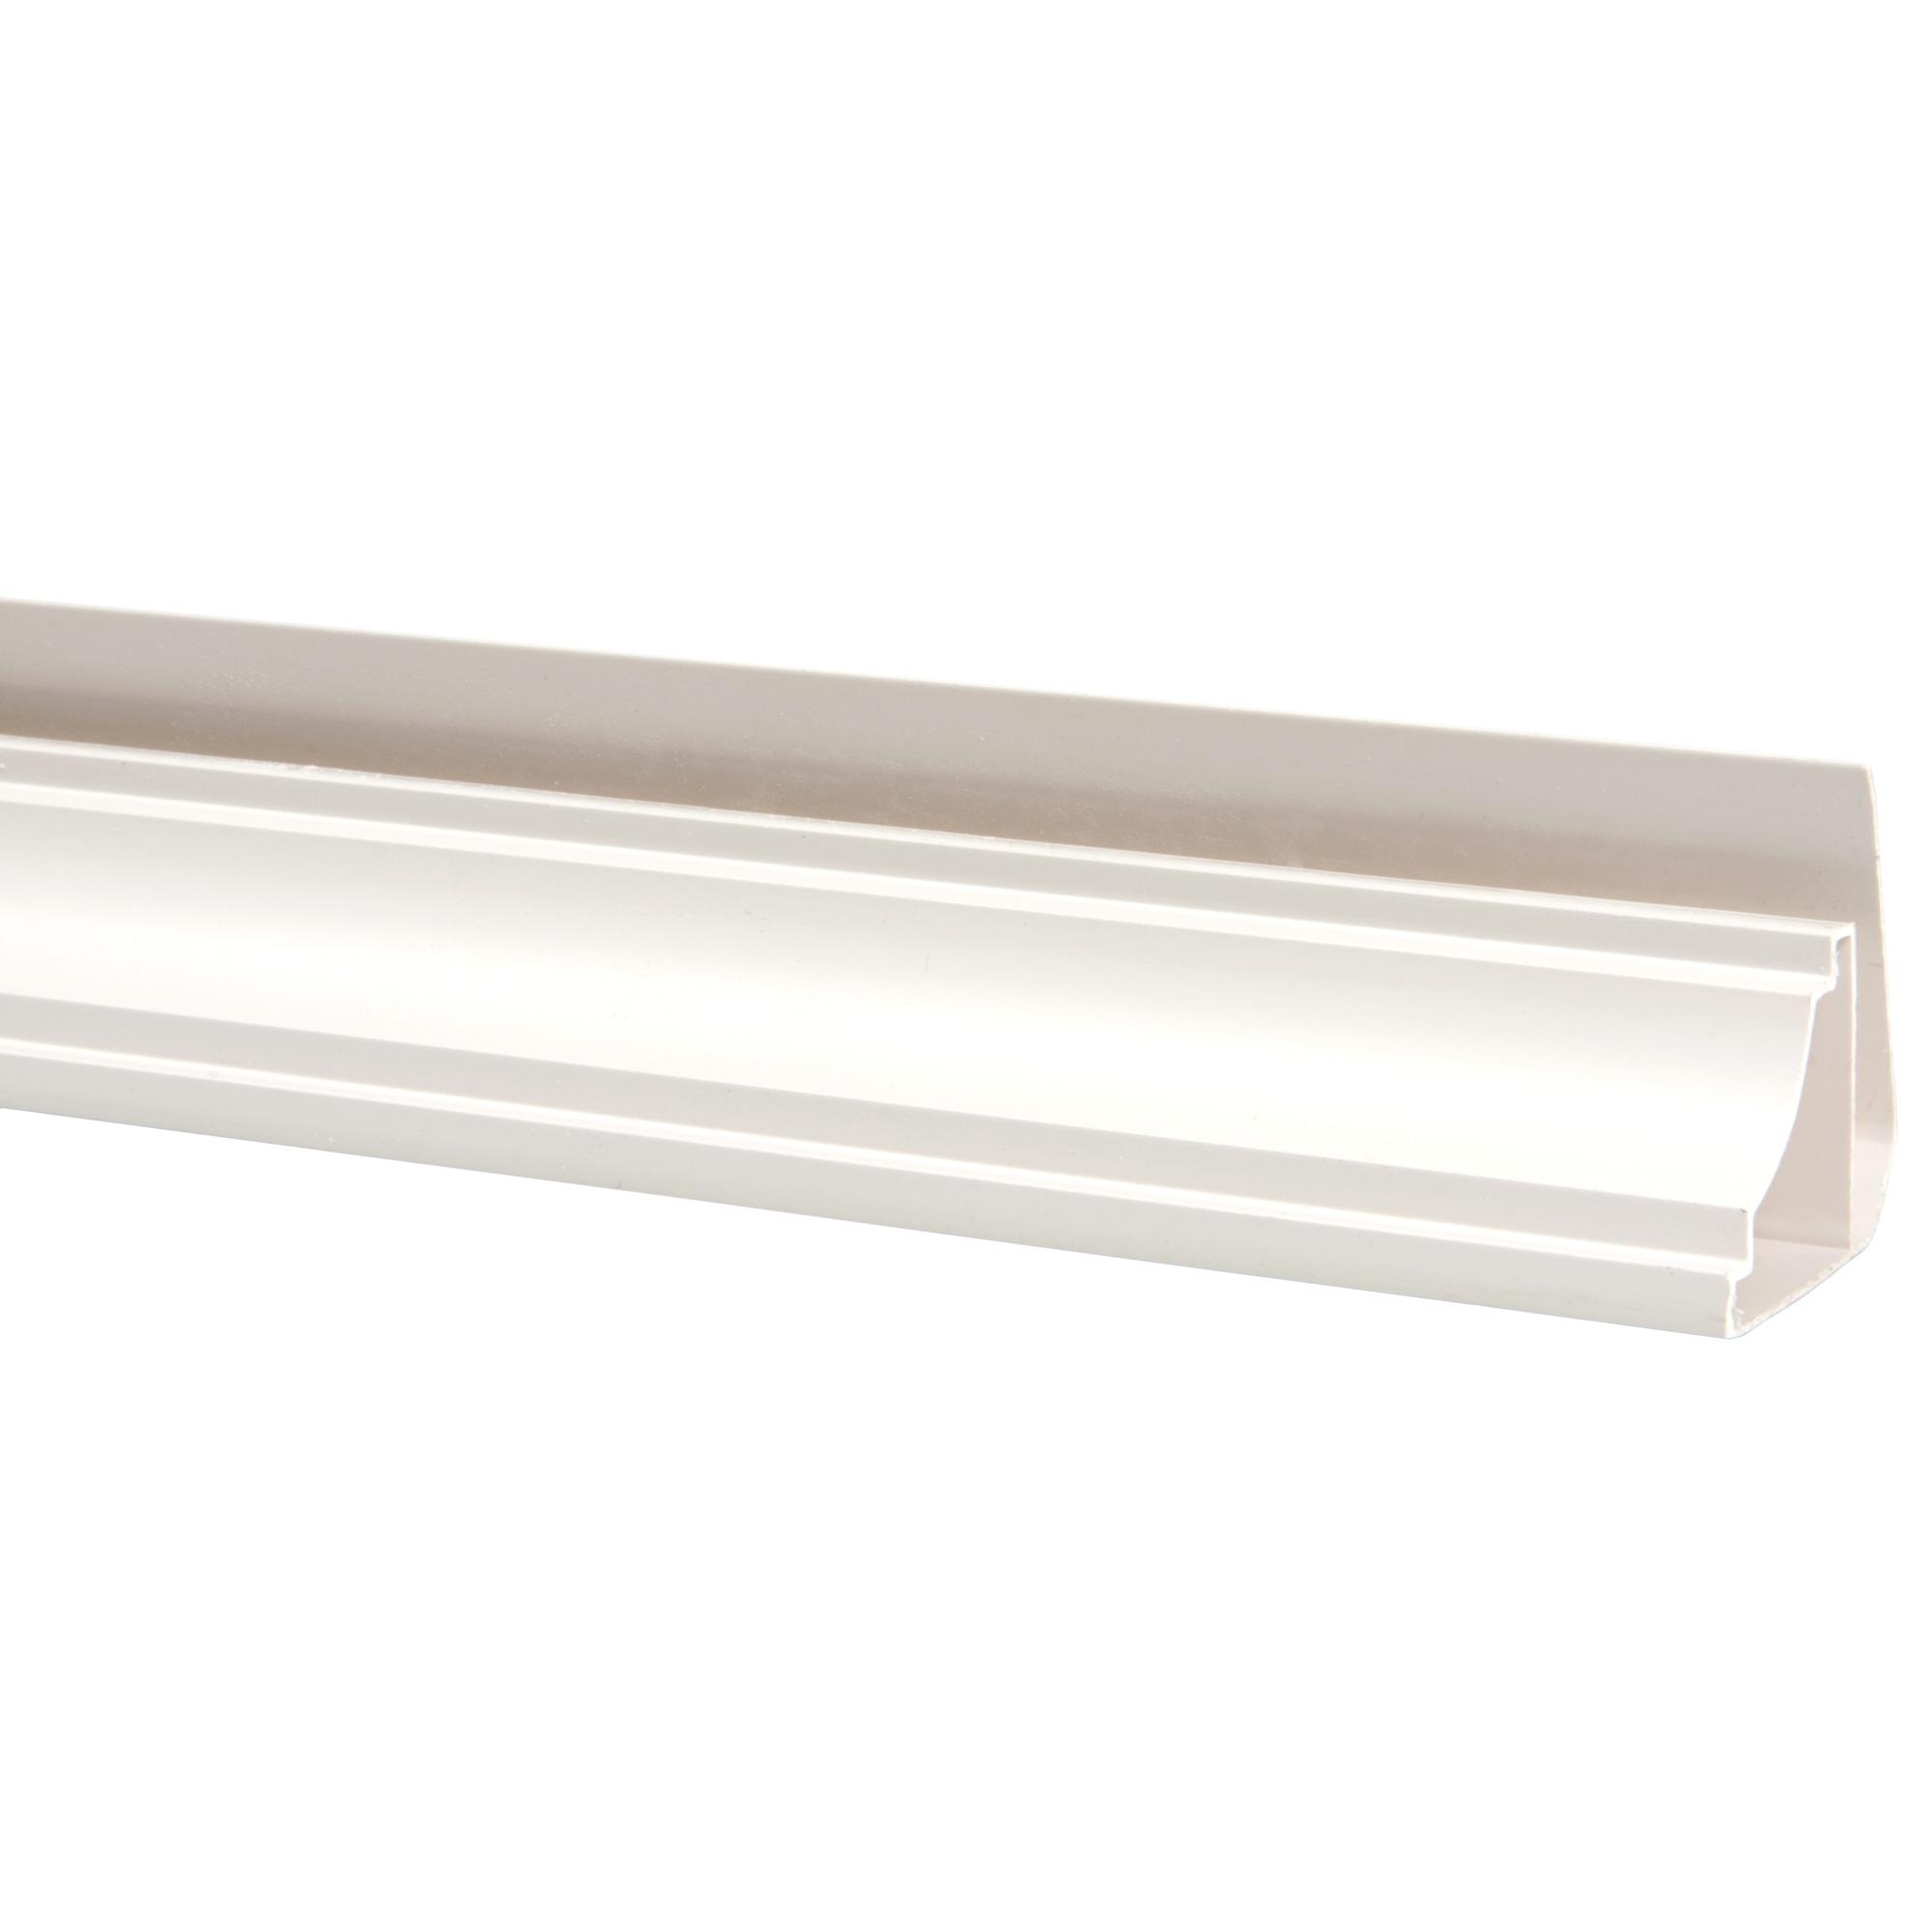 moulure plafond 270 cm blanc cr me profil s en plastique profil s bois. Black Bedroom Furniture Sets. Home Design Ideas